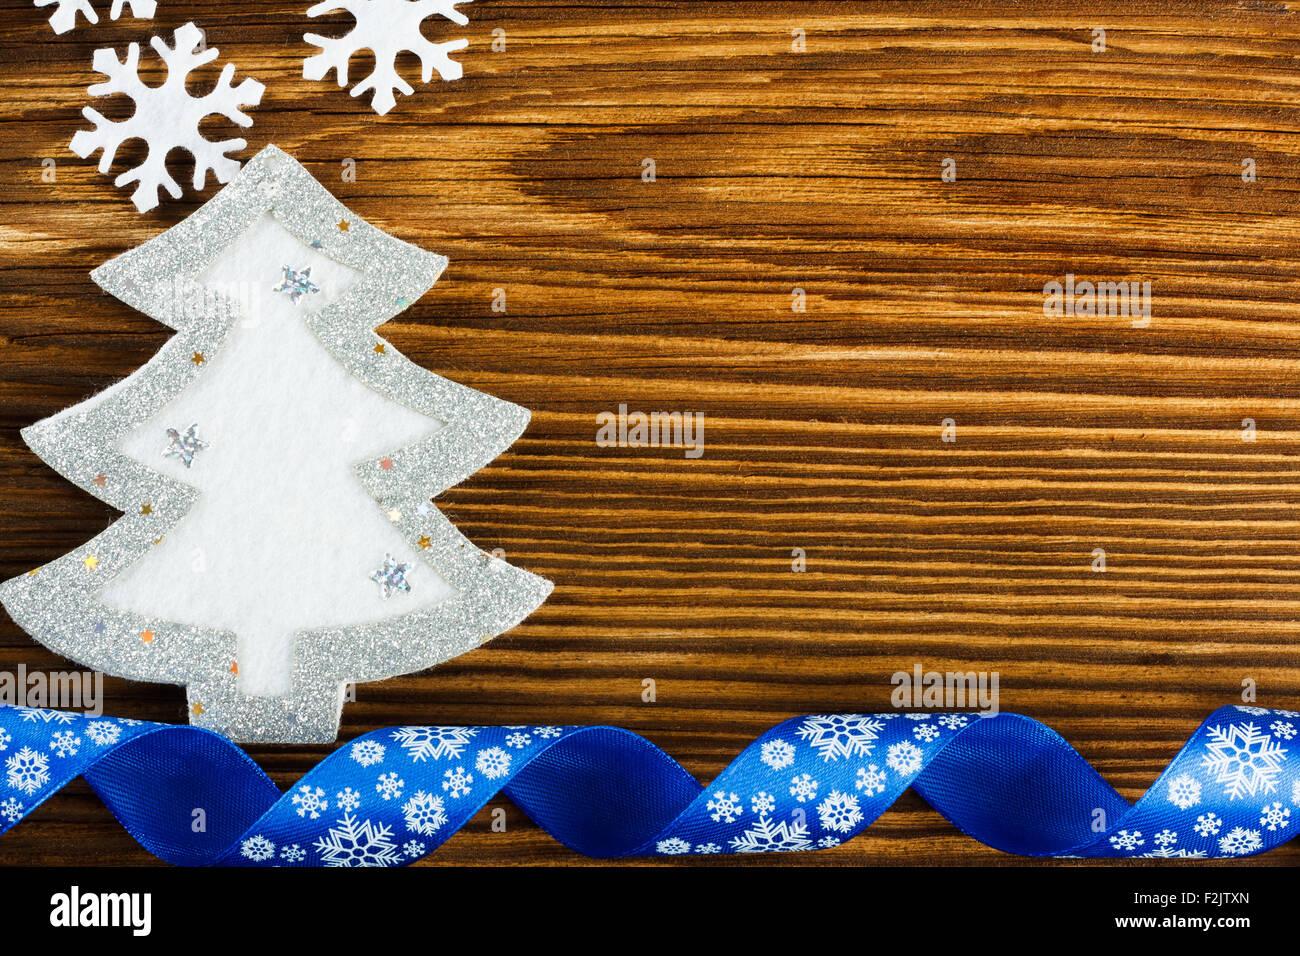 Fond de Noël - arbre de Noël, flocons et ruban bleu sur table en bois Photo Stock